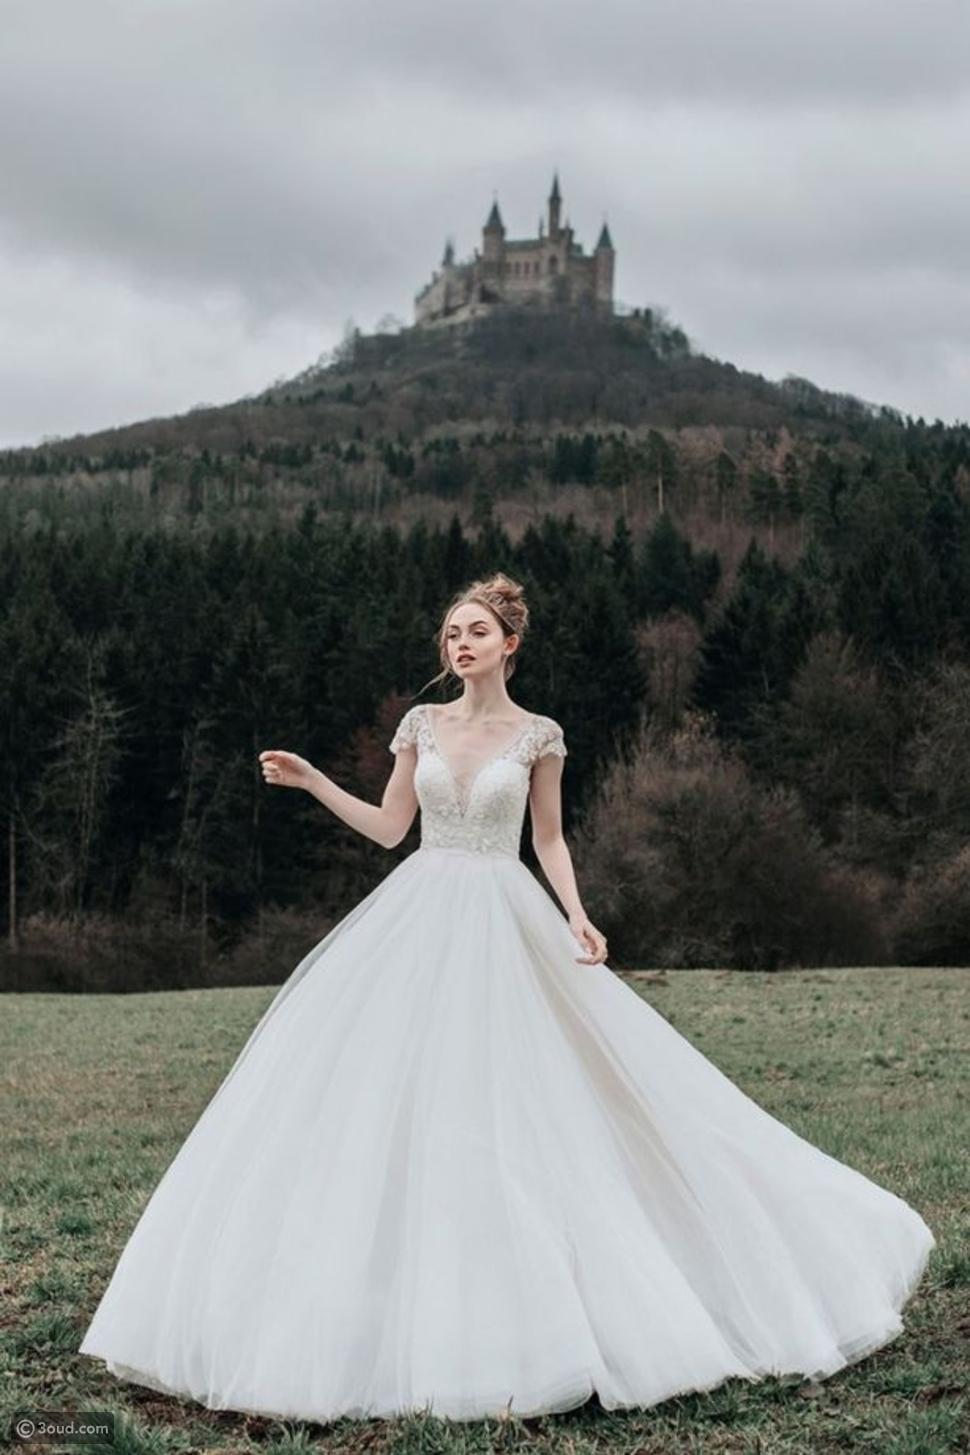 ديزني تصدر مجموعة فساتين أزياء مستوحاه من أميراتها